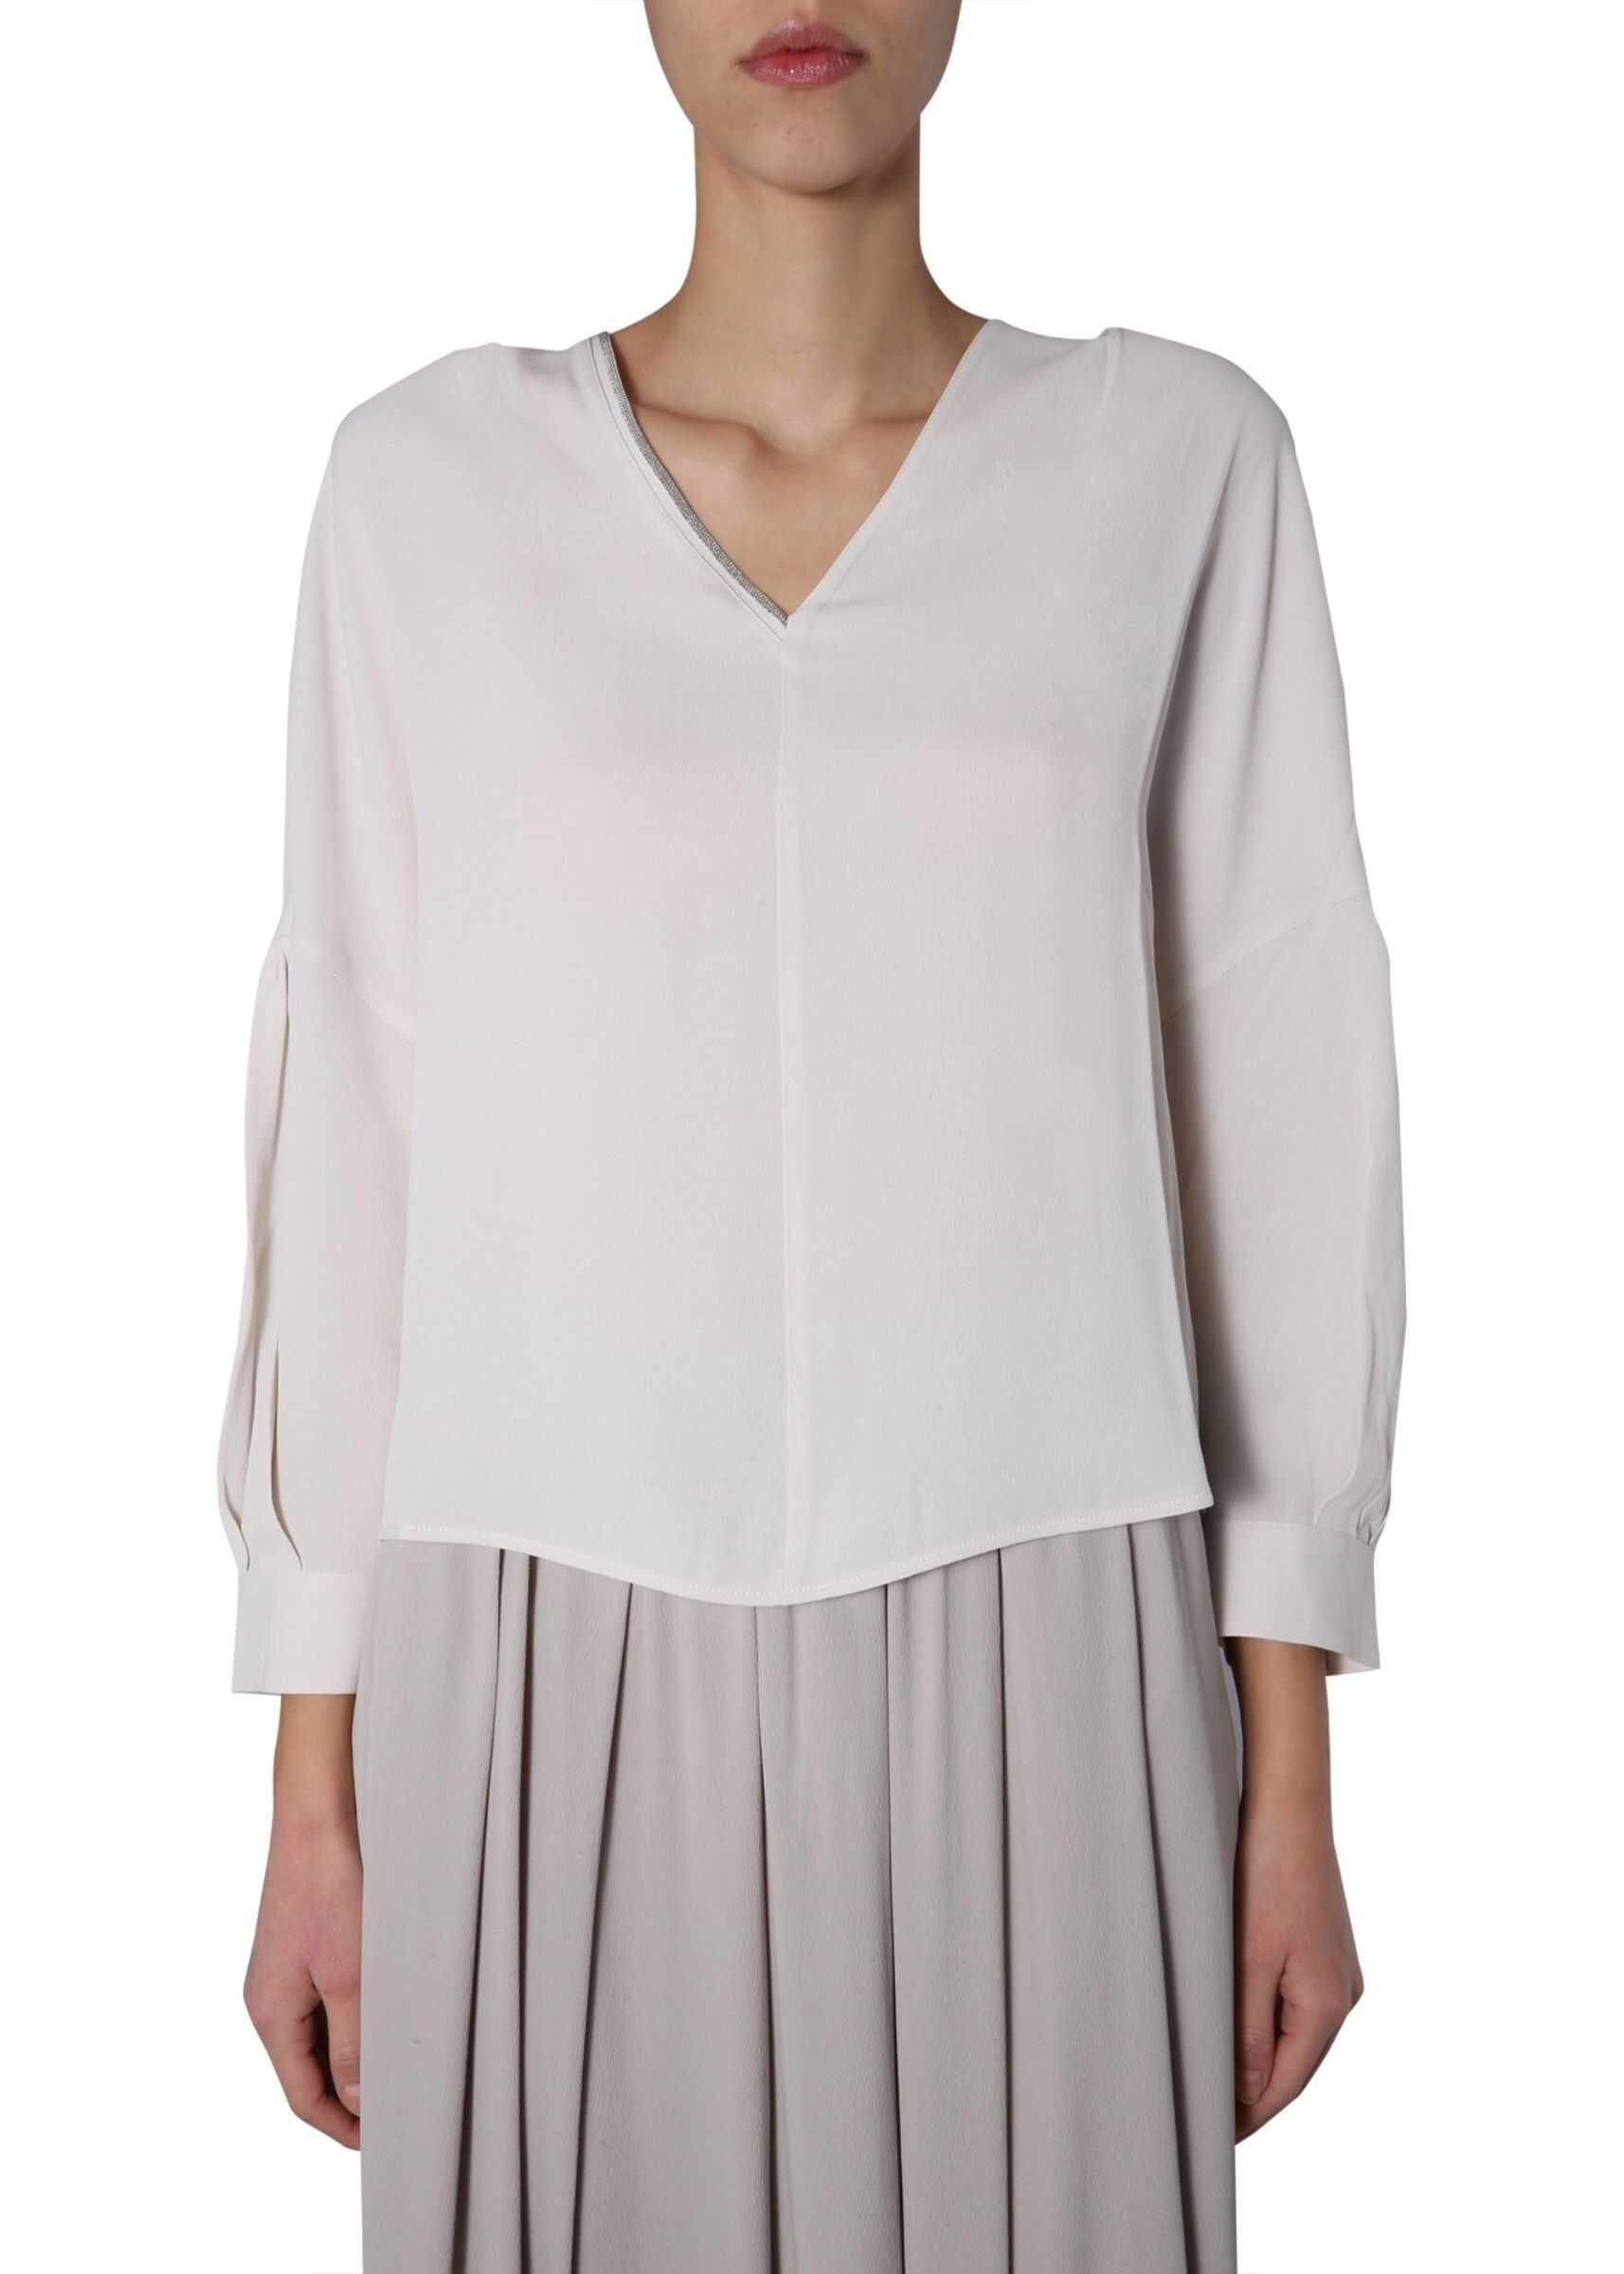 Fabiana Filippi V-Neck Shirt WHITE